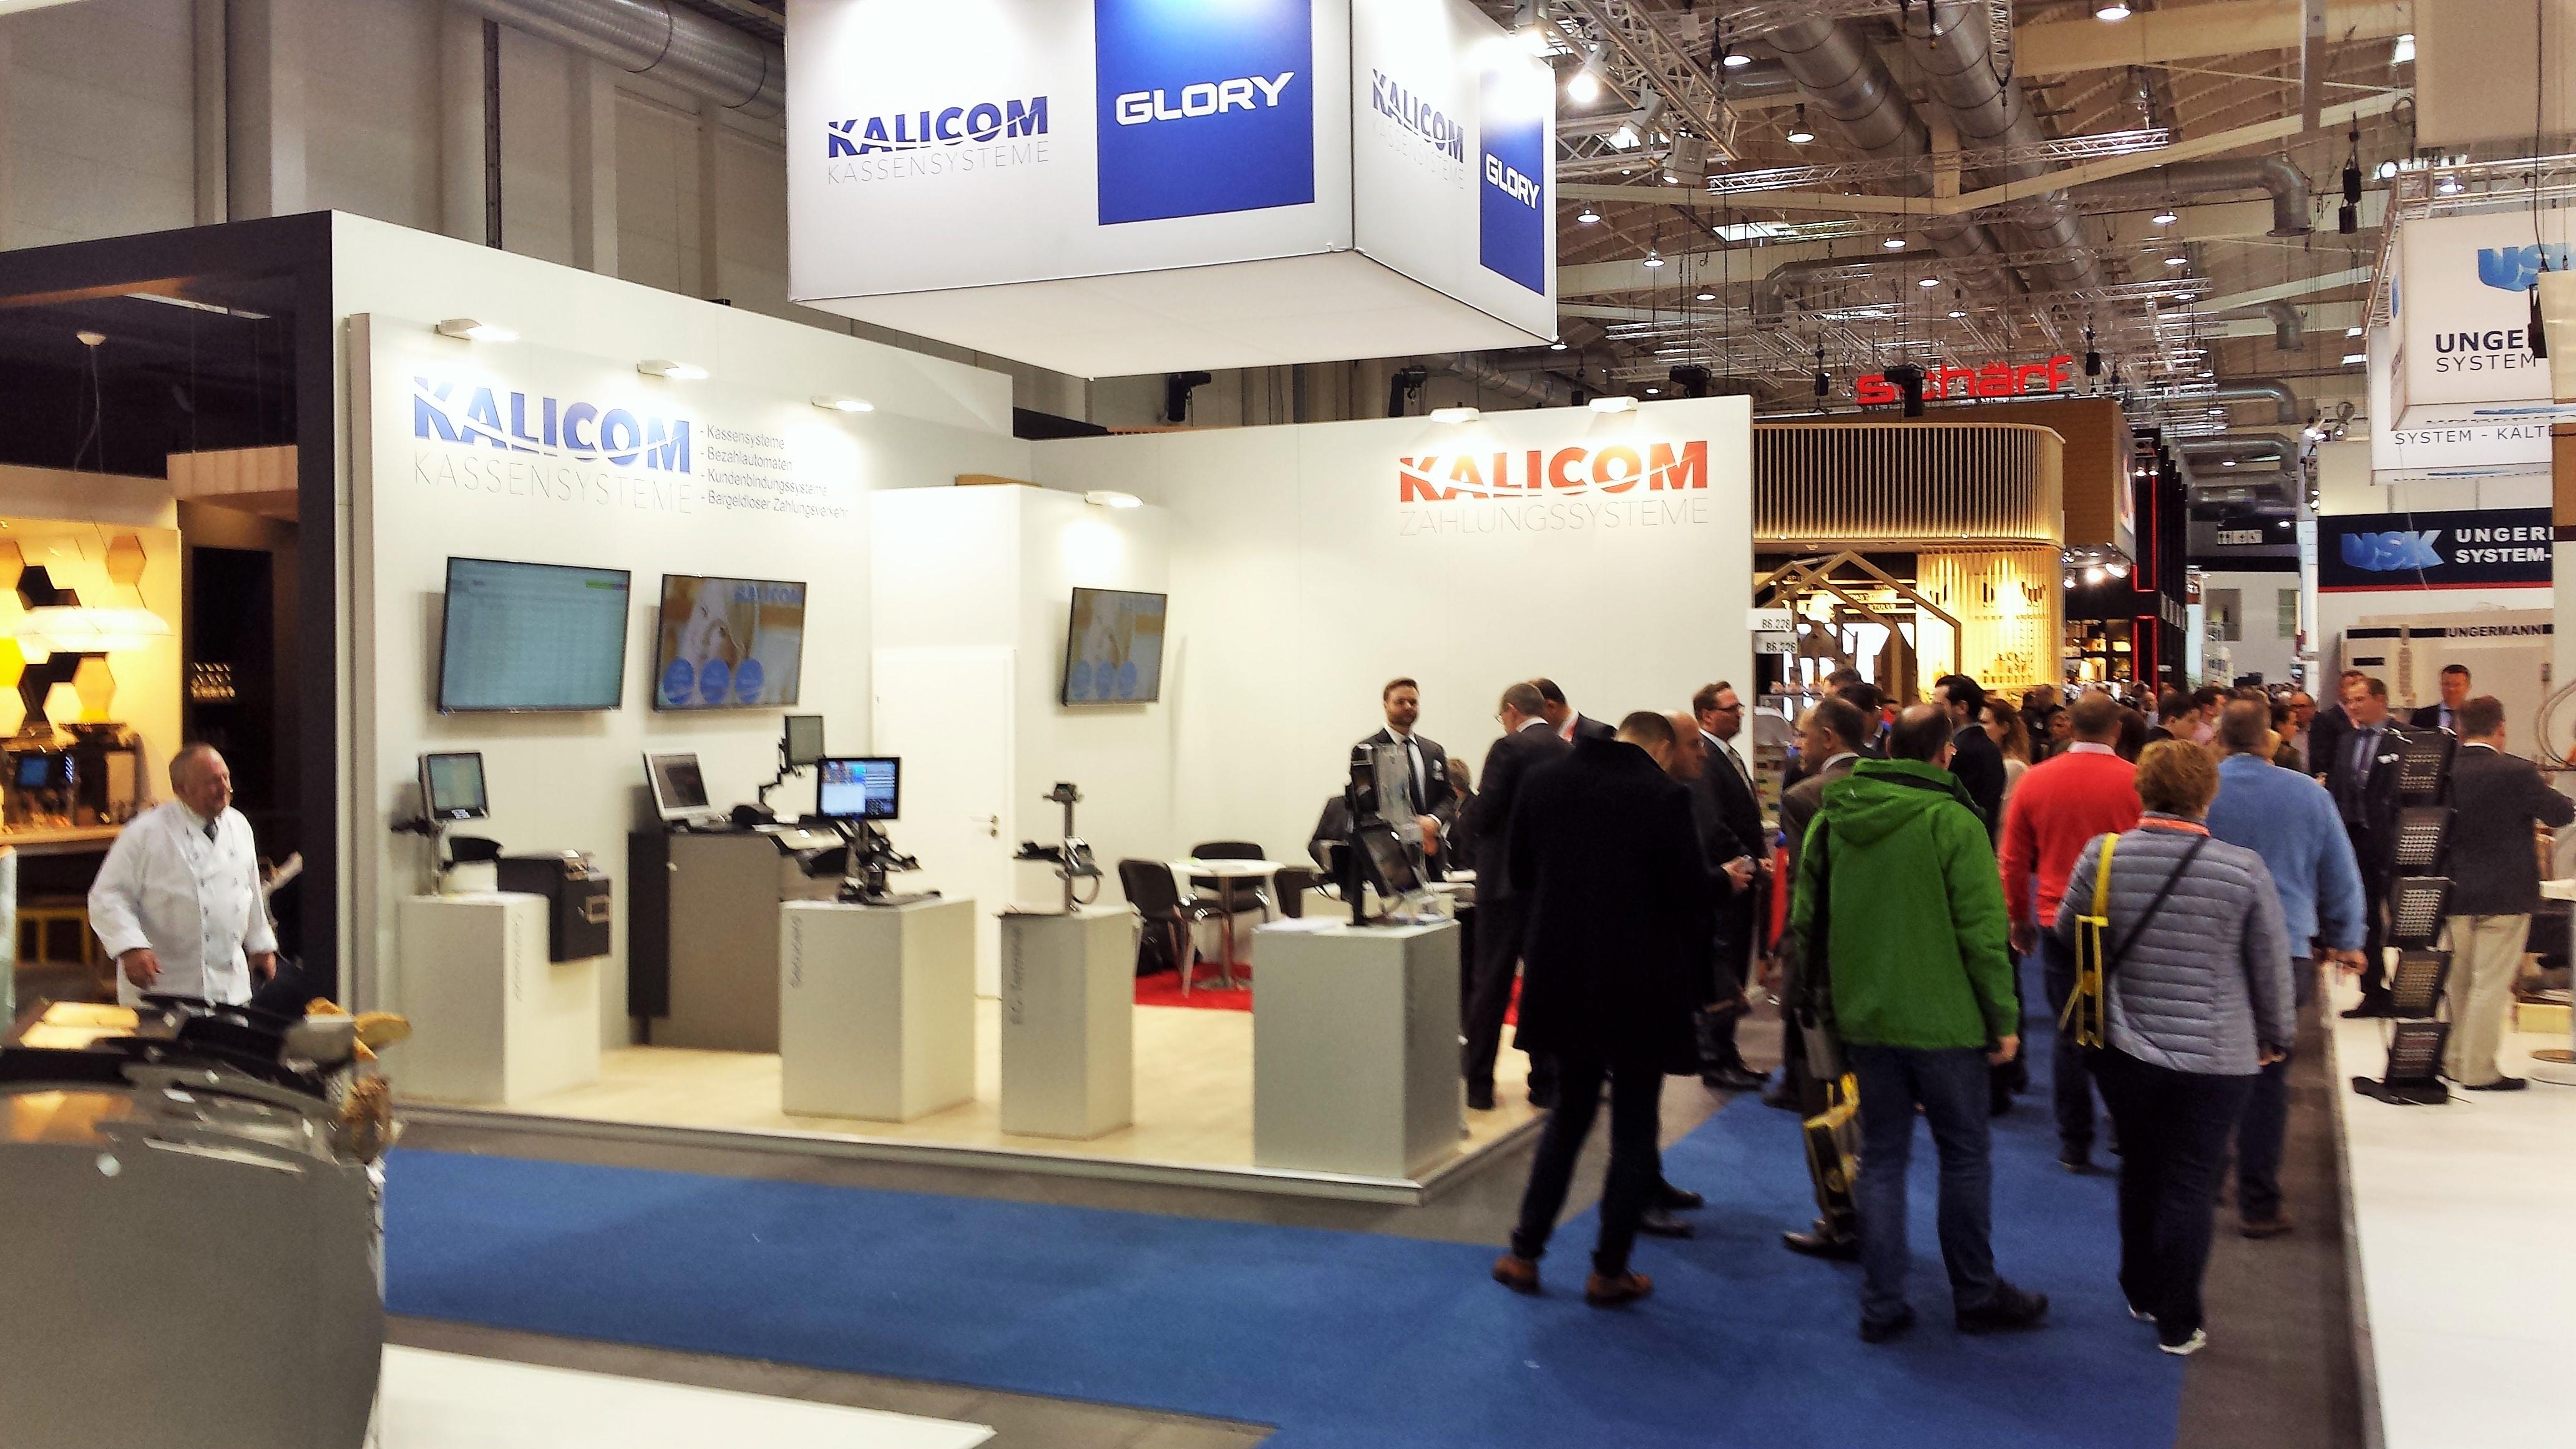 Glor / Kalicom